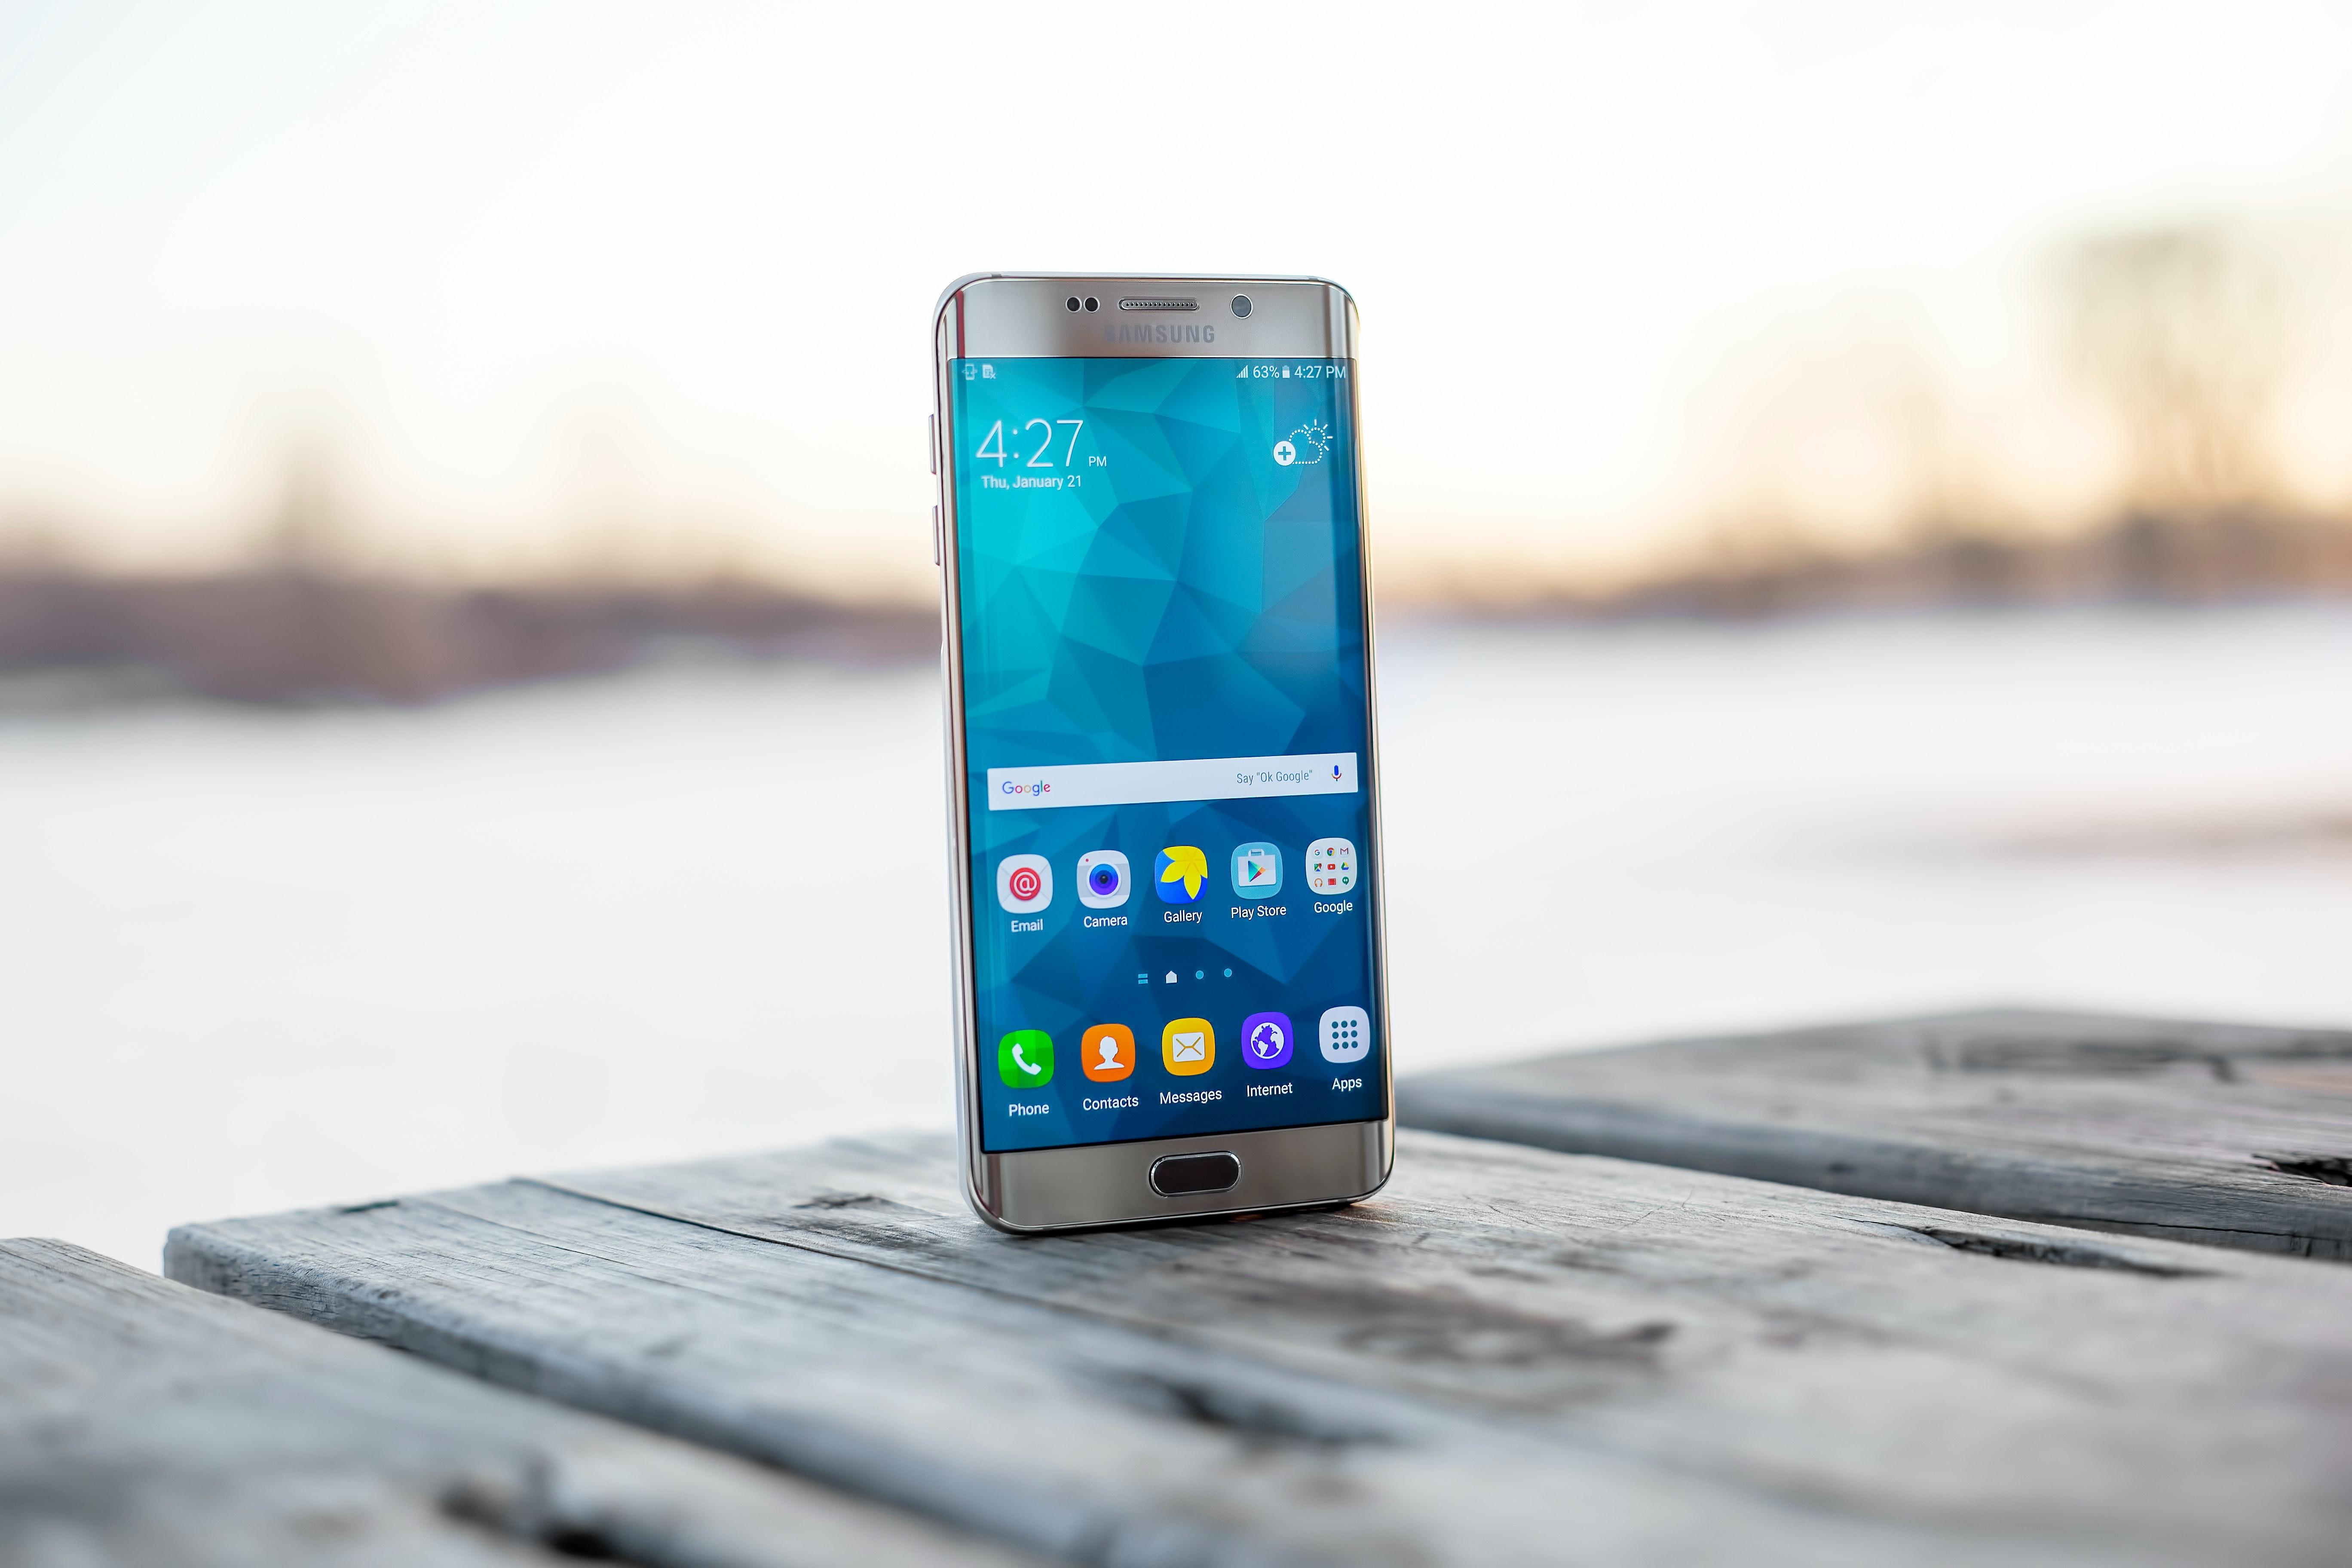 Senior Mobile Developer (Android)